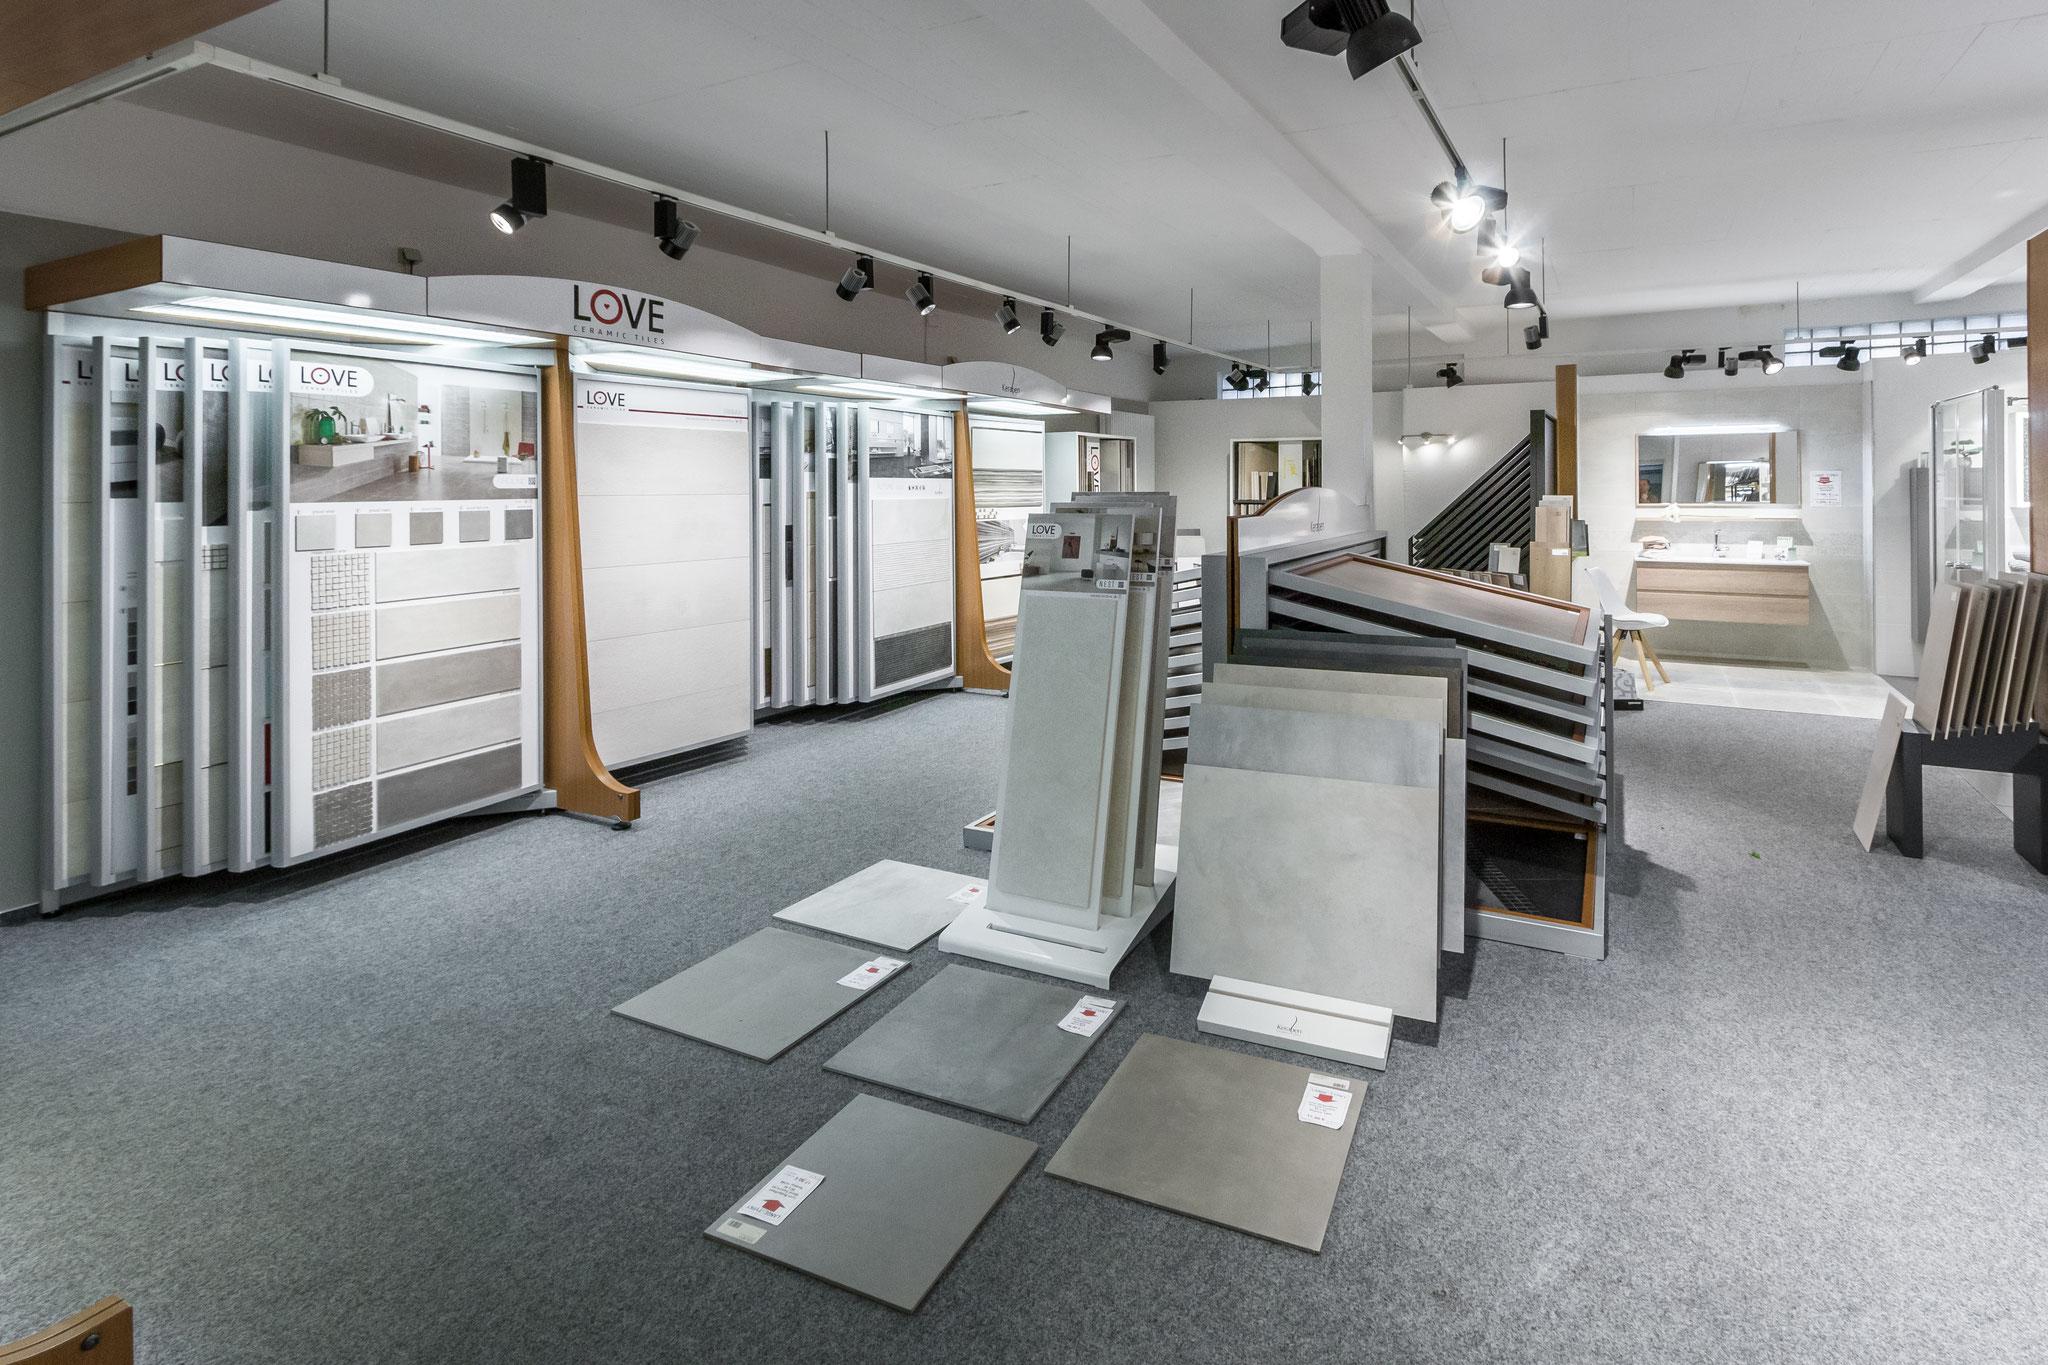 Fliesenausstellung Helmstedt